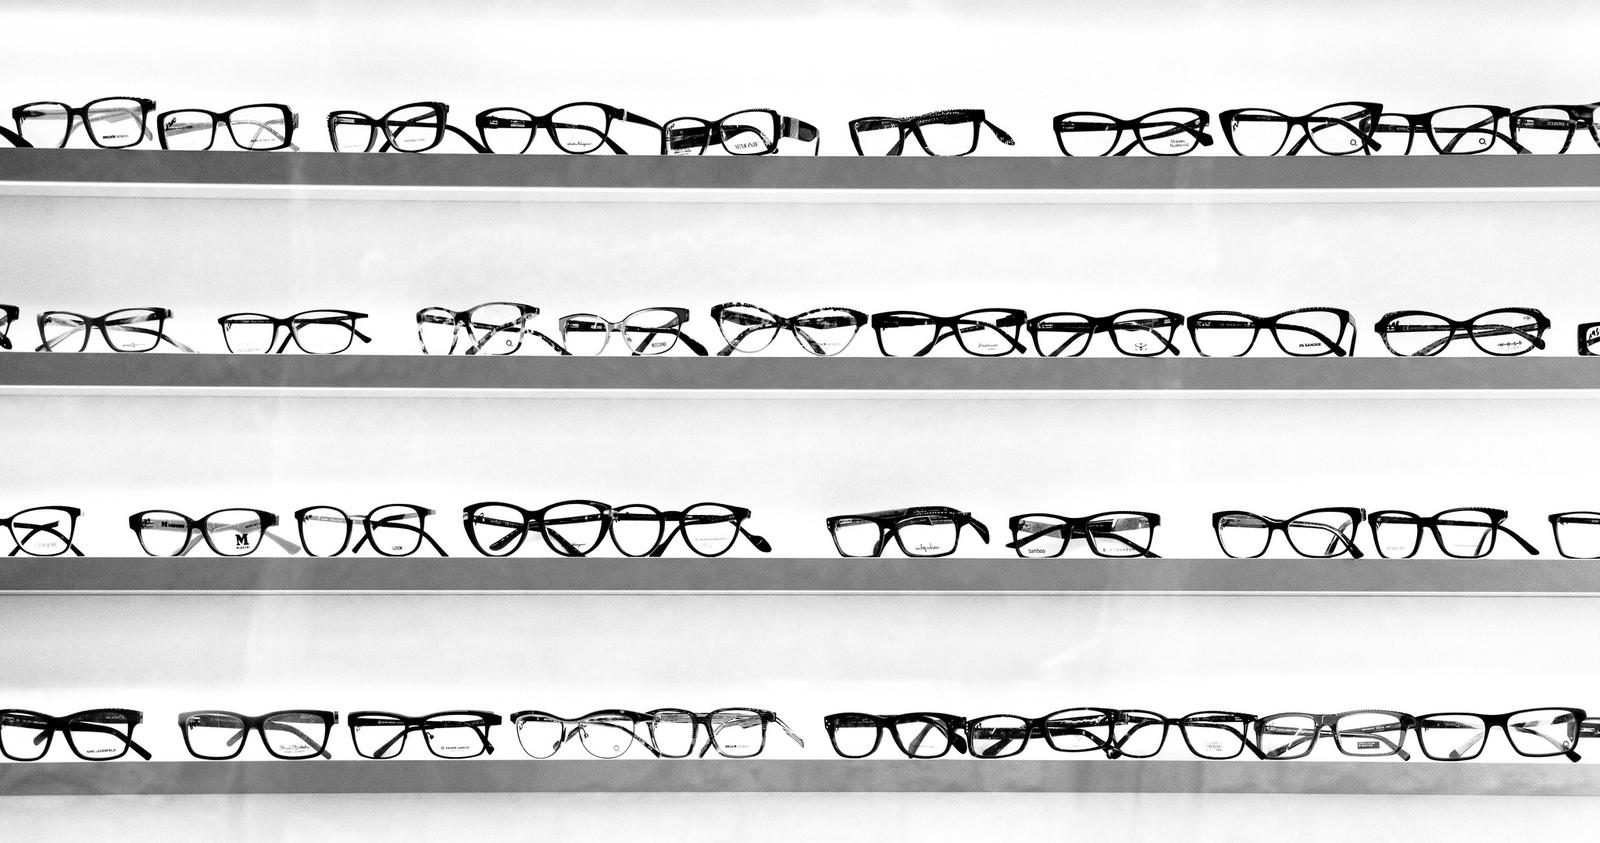 美國視力檢查&配眼鏡攻略科普